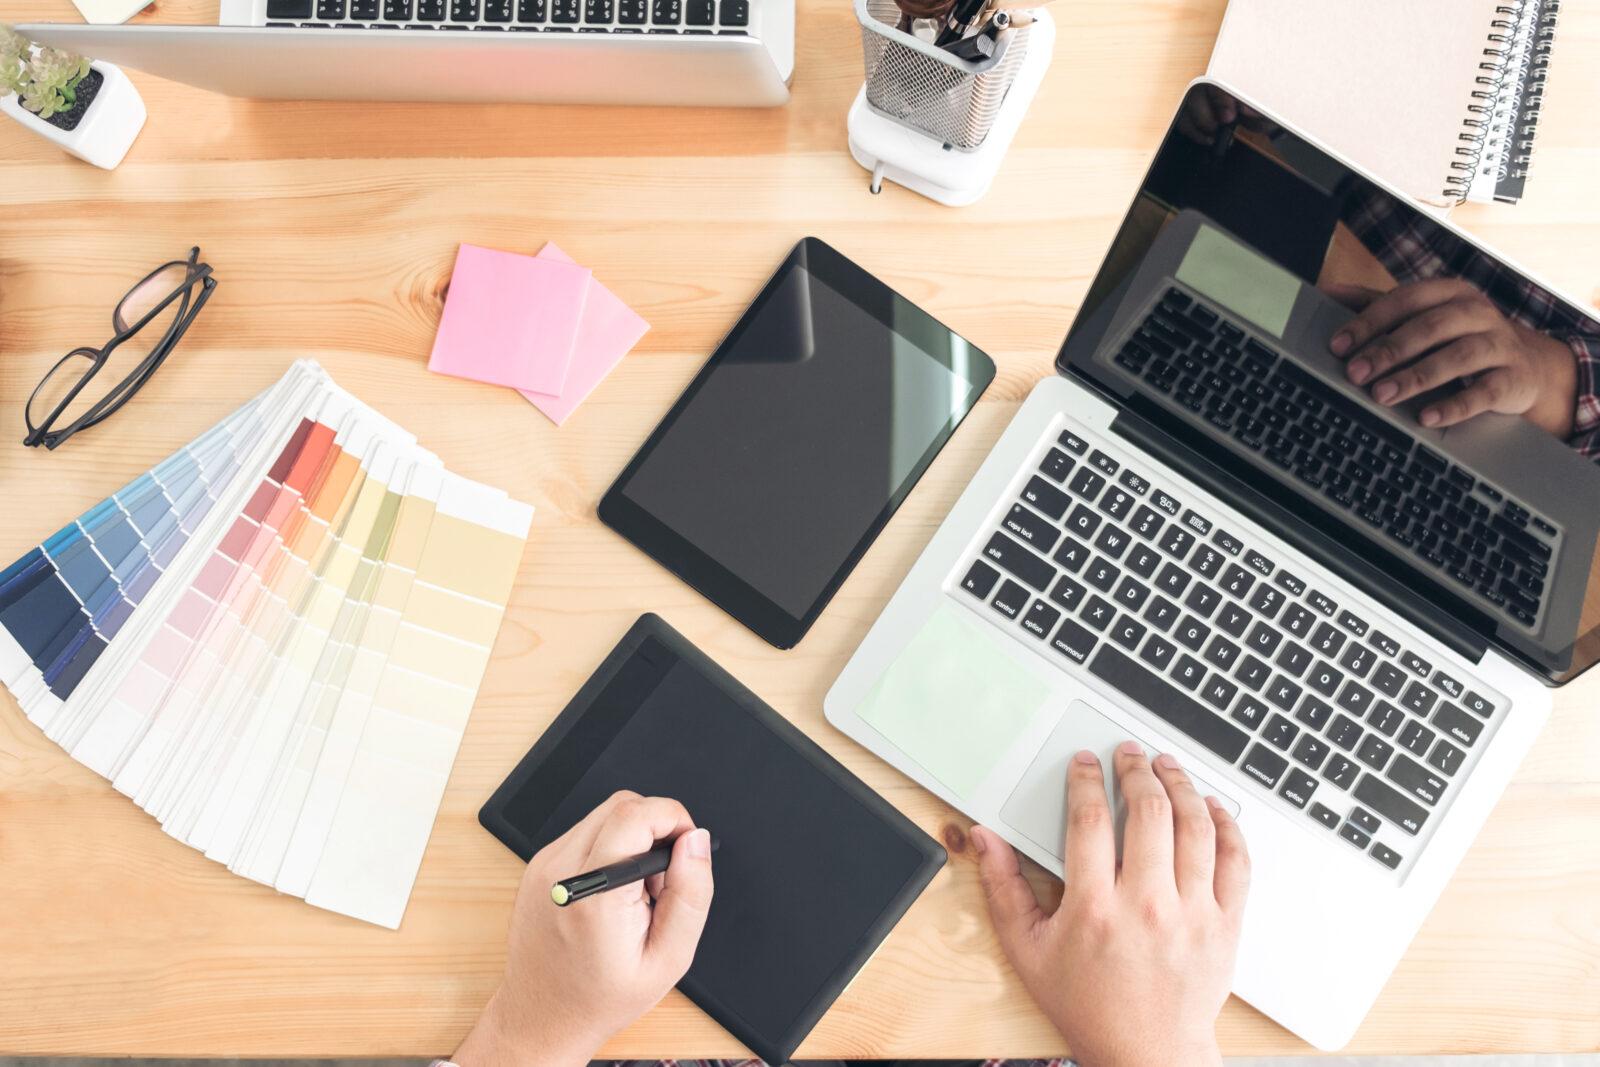 تاثیر رنگ ها را در طراحی کاتالوگ آنلاین دست کم نگیرید!!